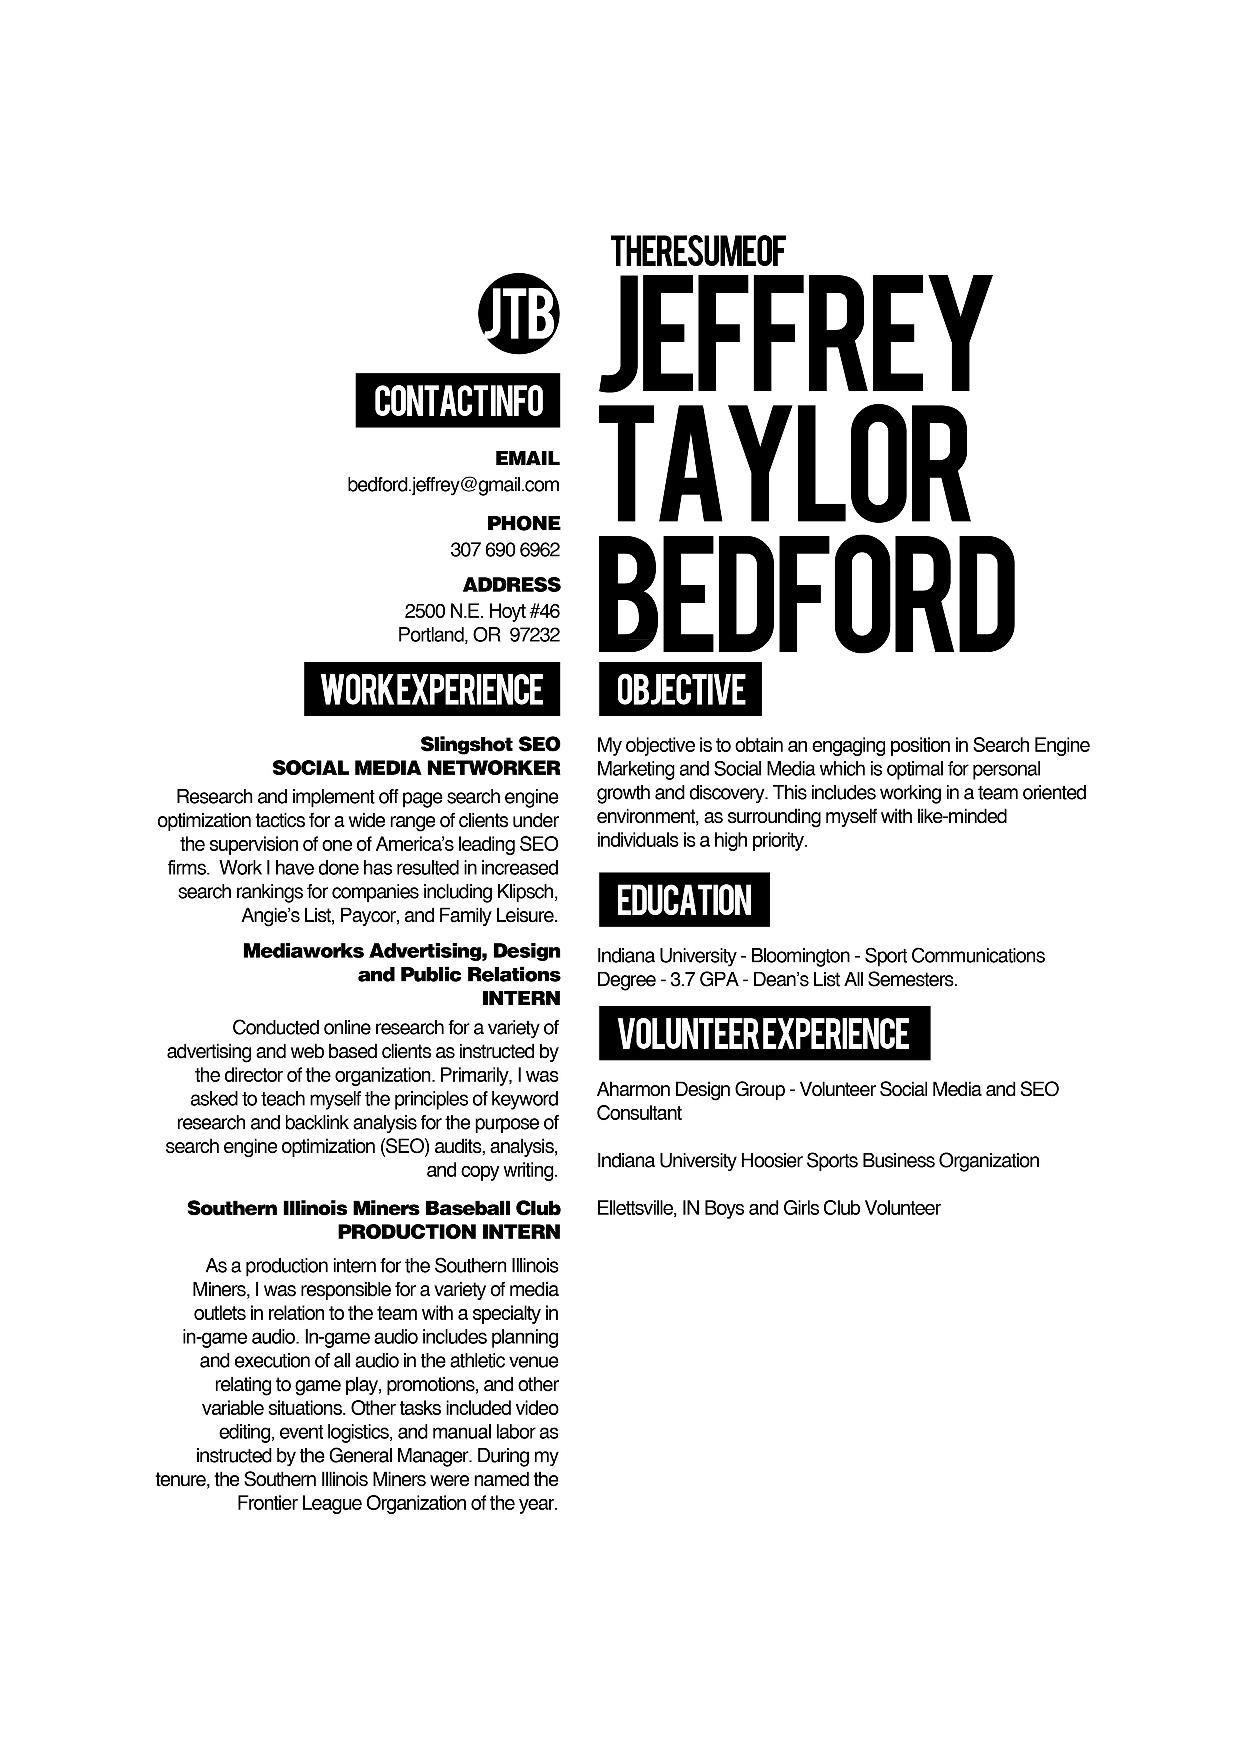 17 best images about unique resume designs creative 17 best images about unique resume designs creative infographic resume and creative resume